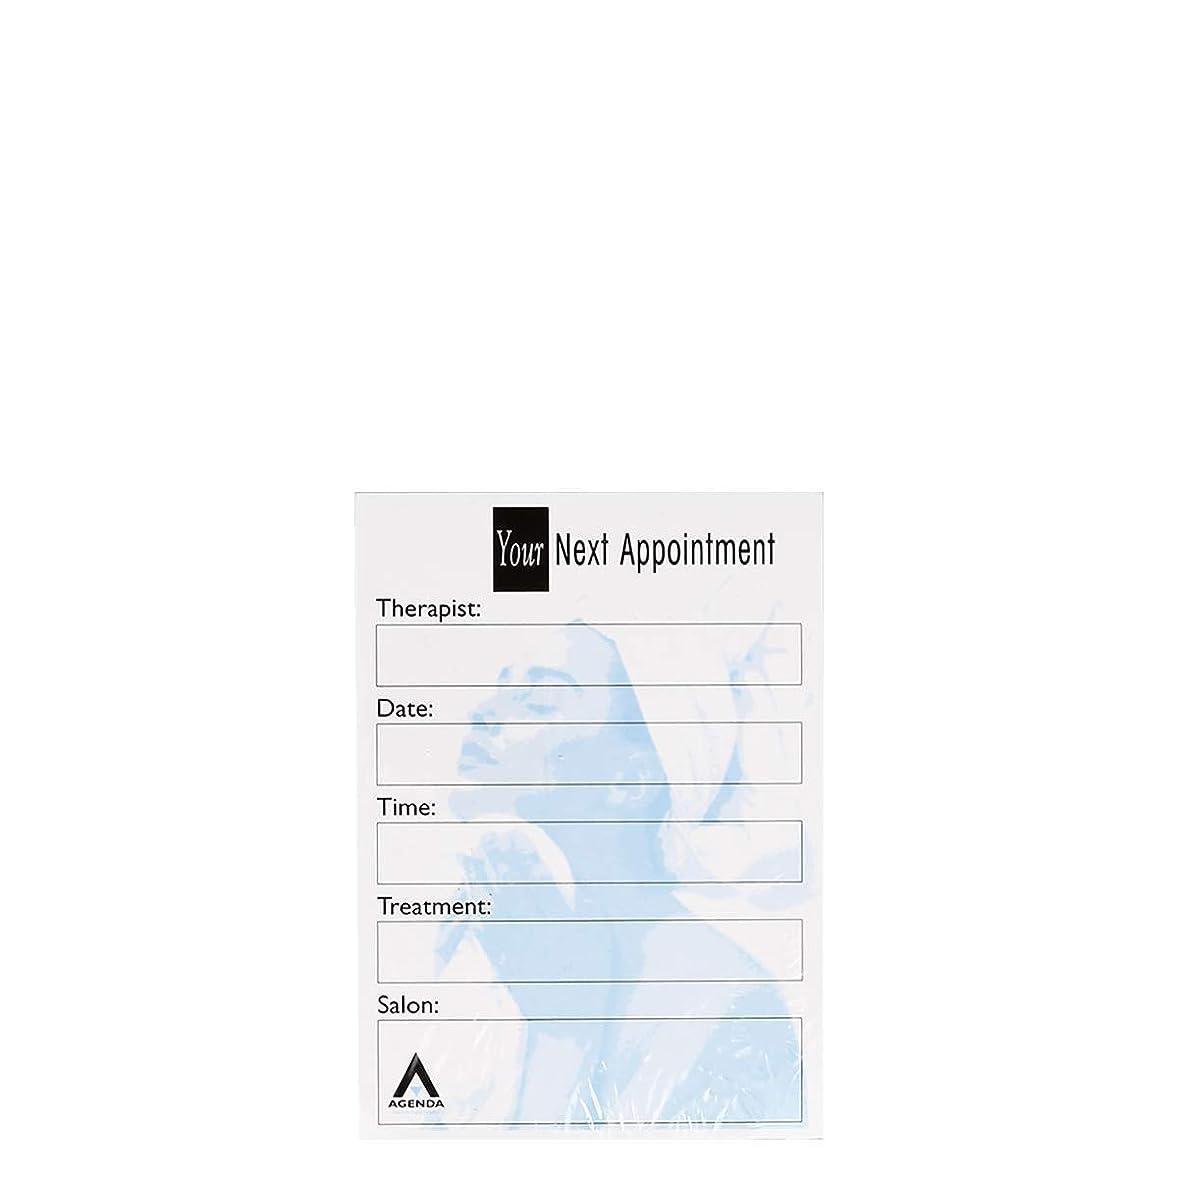 凍る空港常習的アジェンダ サロンコンセプト ネイルアポイントメントカードAP7B x100[海外直送品] [並行輸入品]